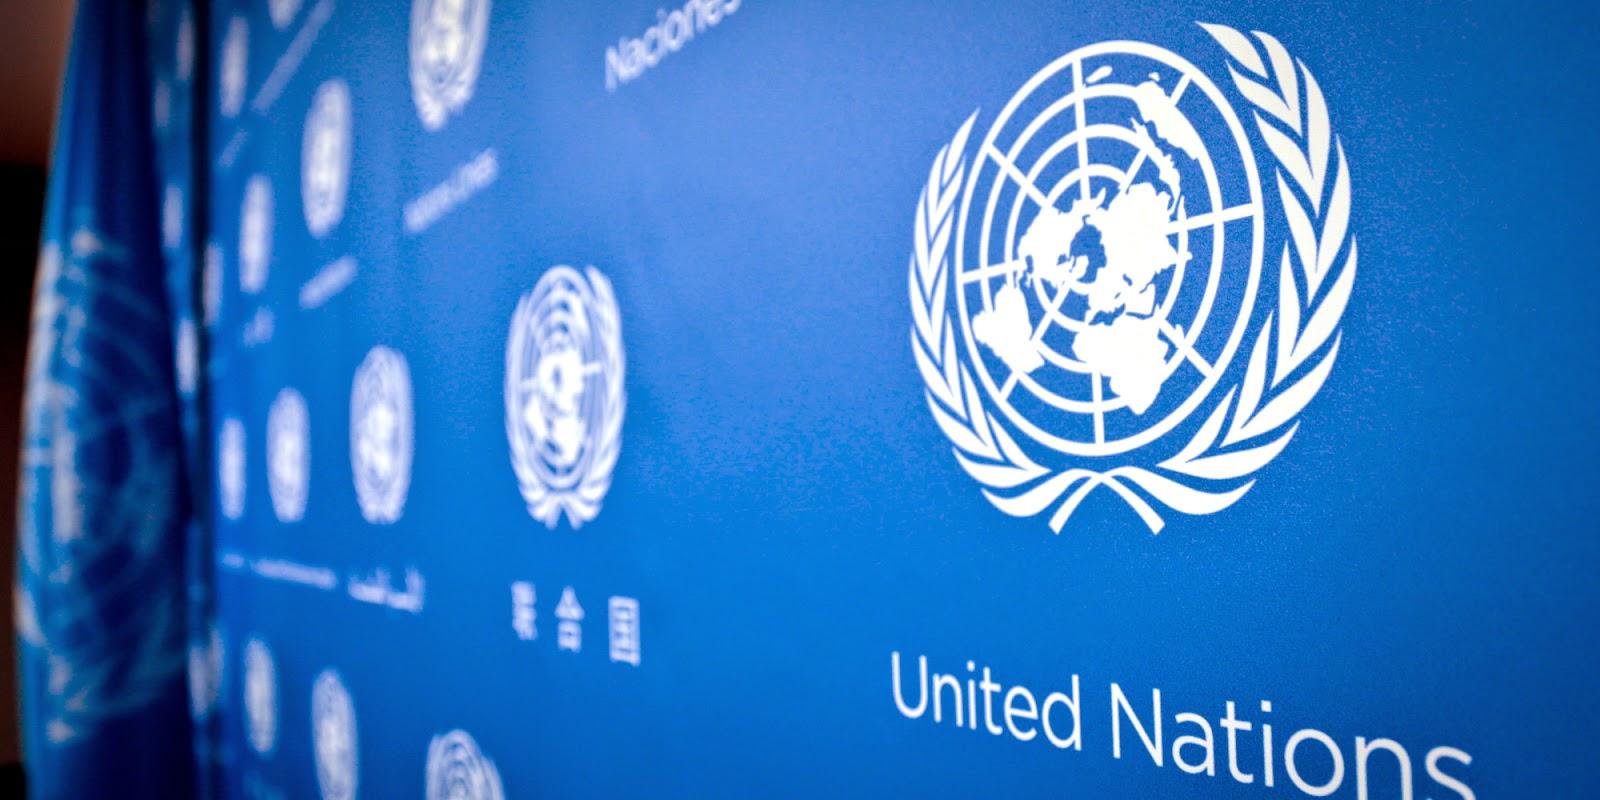 الأمم المتحدة: قرار ترامب (منع المسلمين) غير قانوني ومتهور